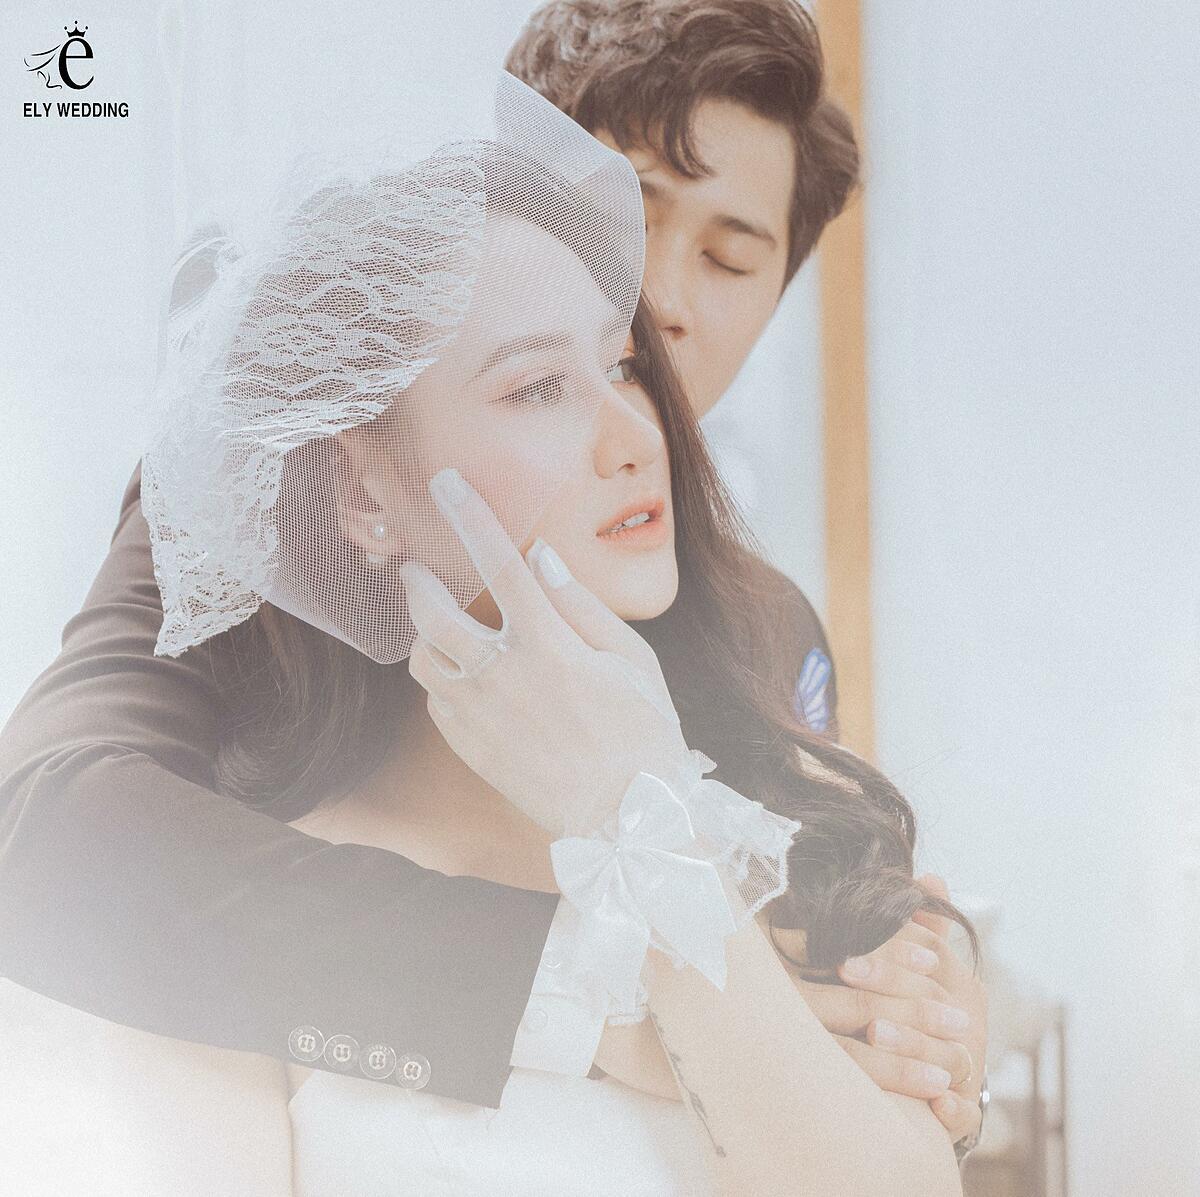 Minh Hằng cho biết cô đã chọn 4 bộ váy cưới trong bộ sưu tập mới nhất của Anne Bridal để các bức ảnh thêm phần phong phú.